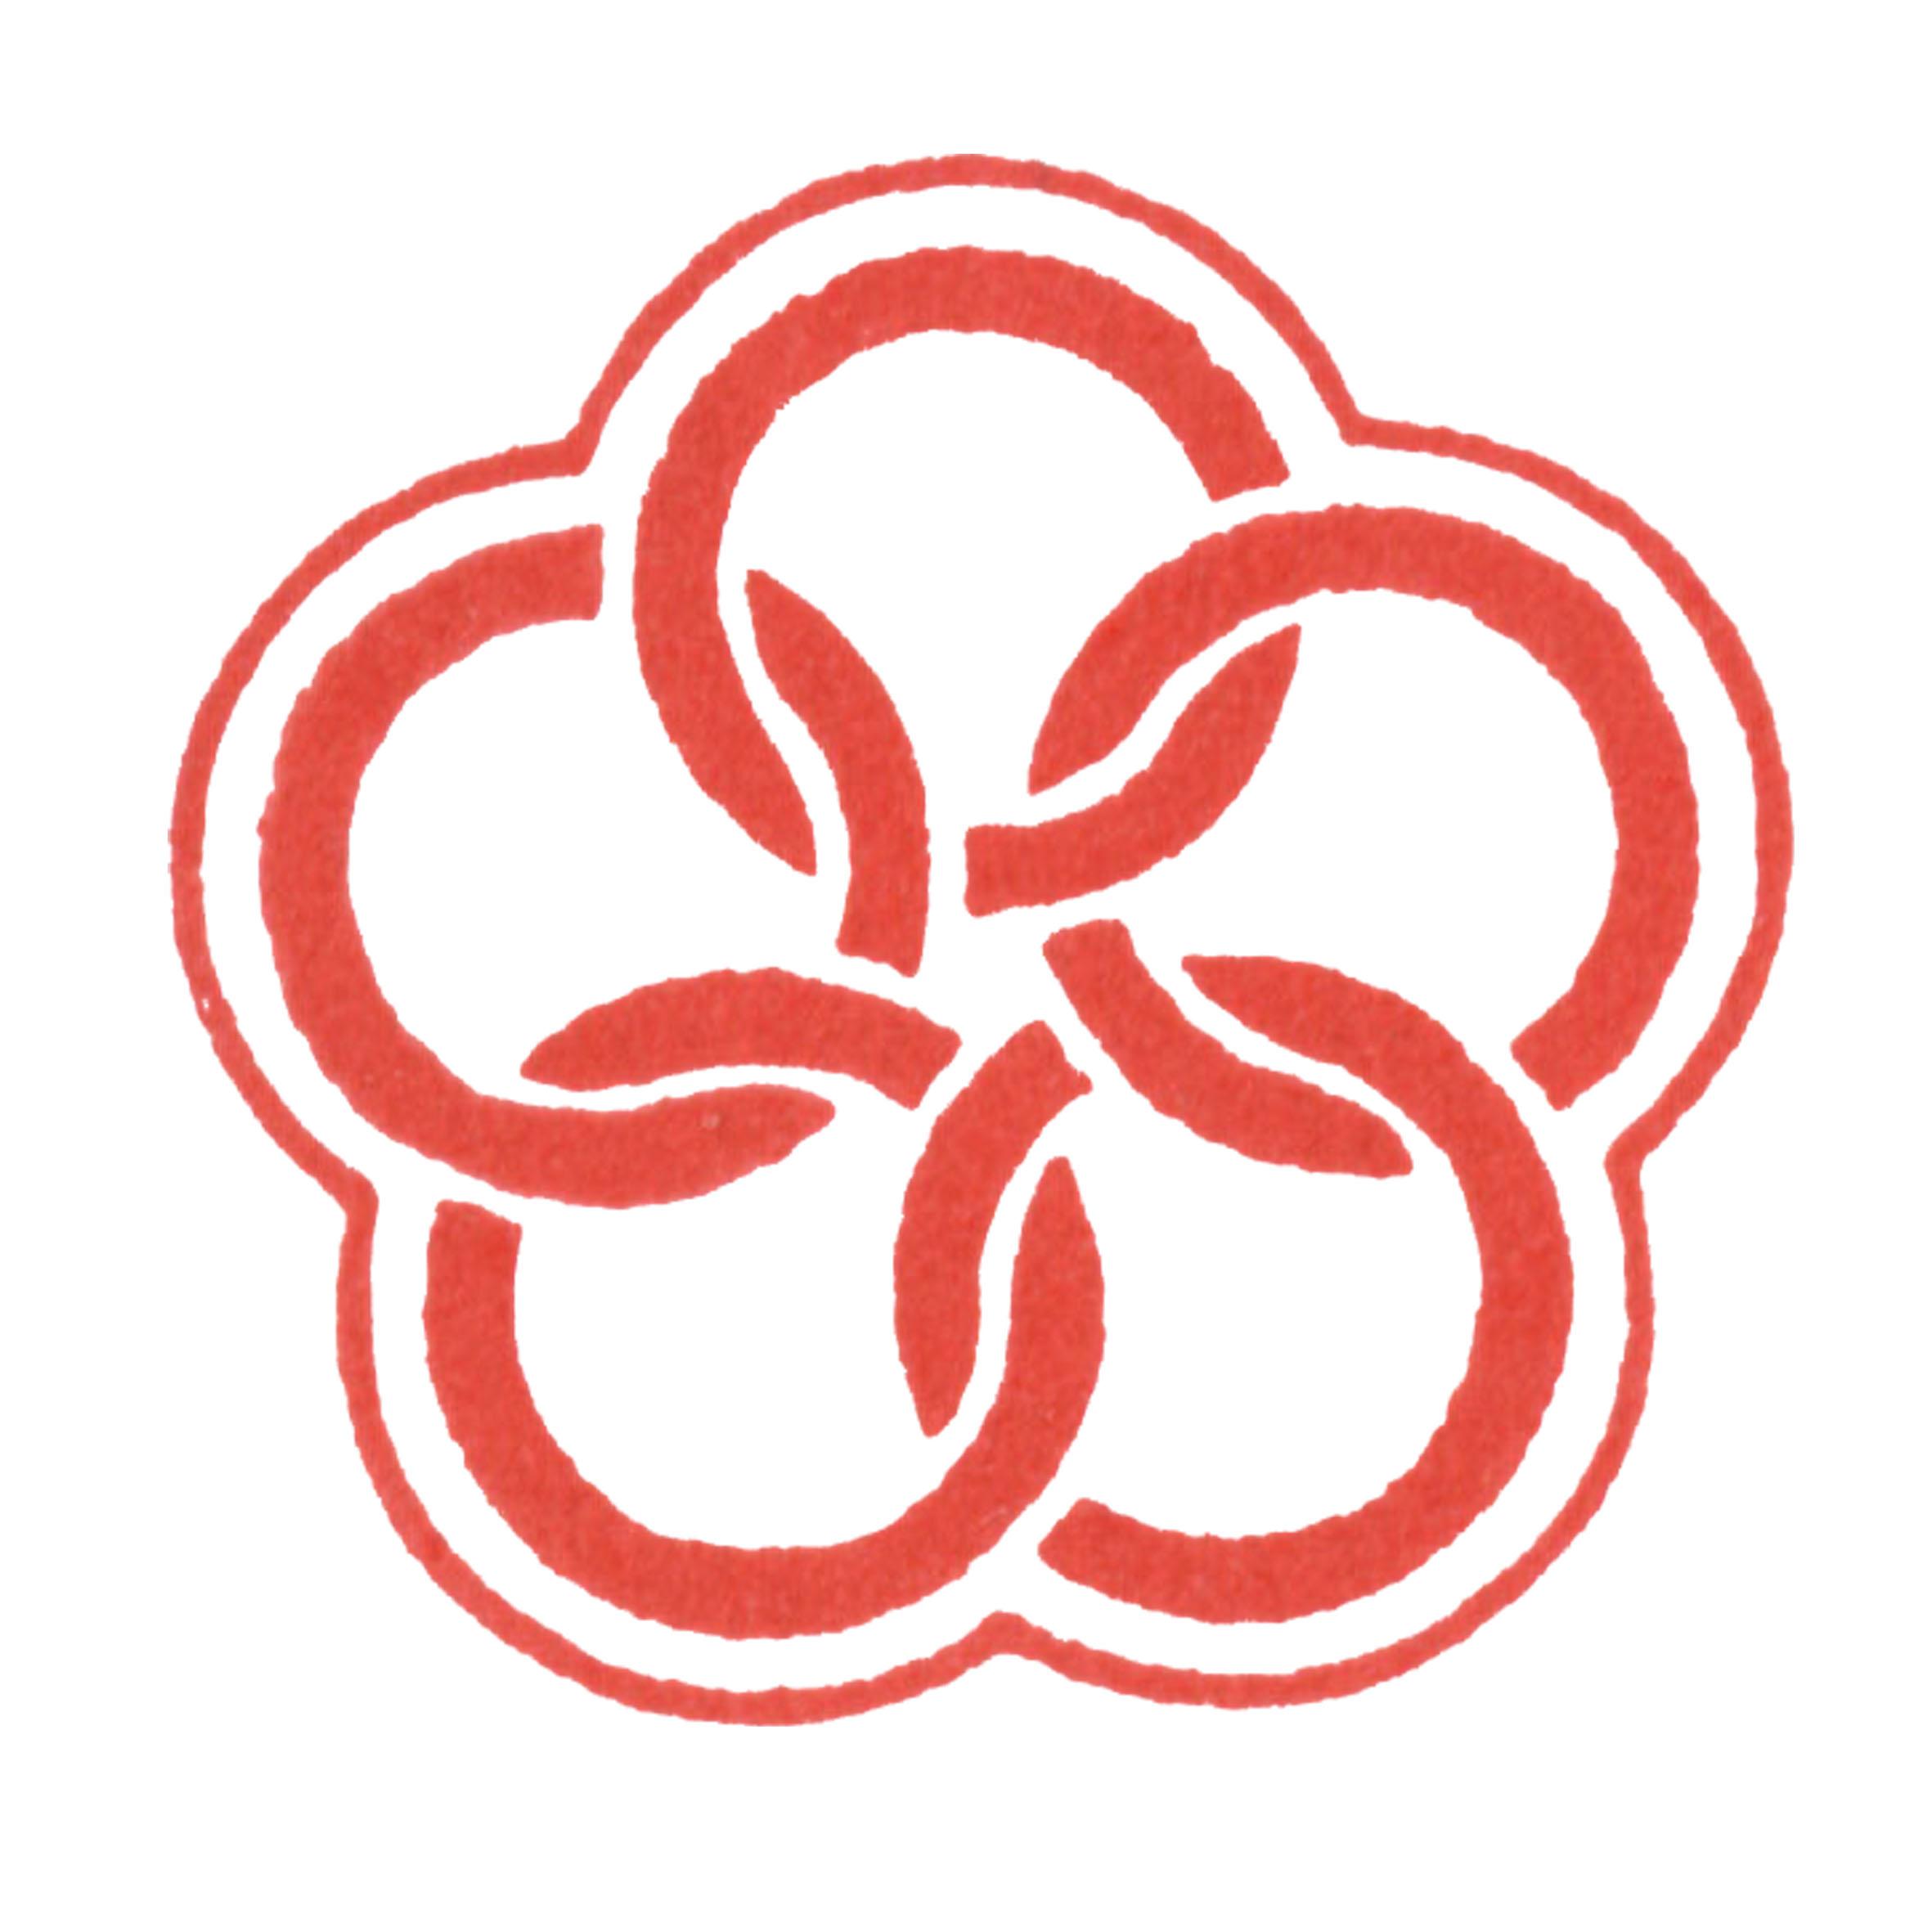 北京五環國際工程管理有限公司